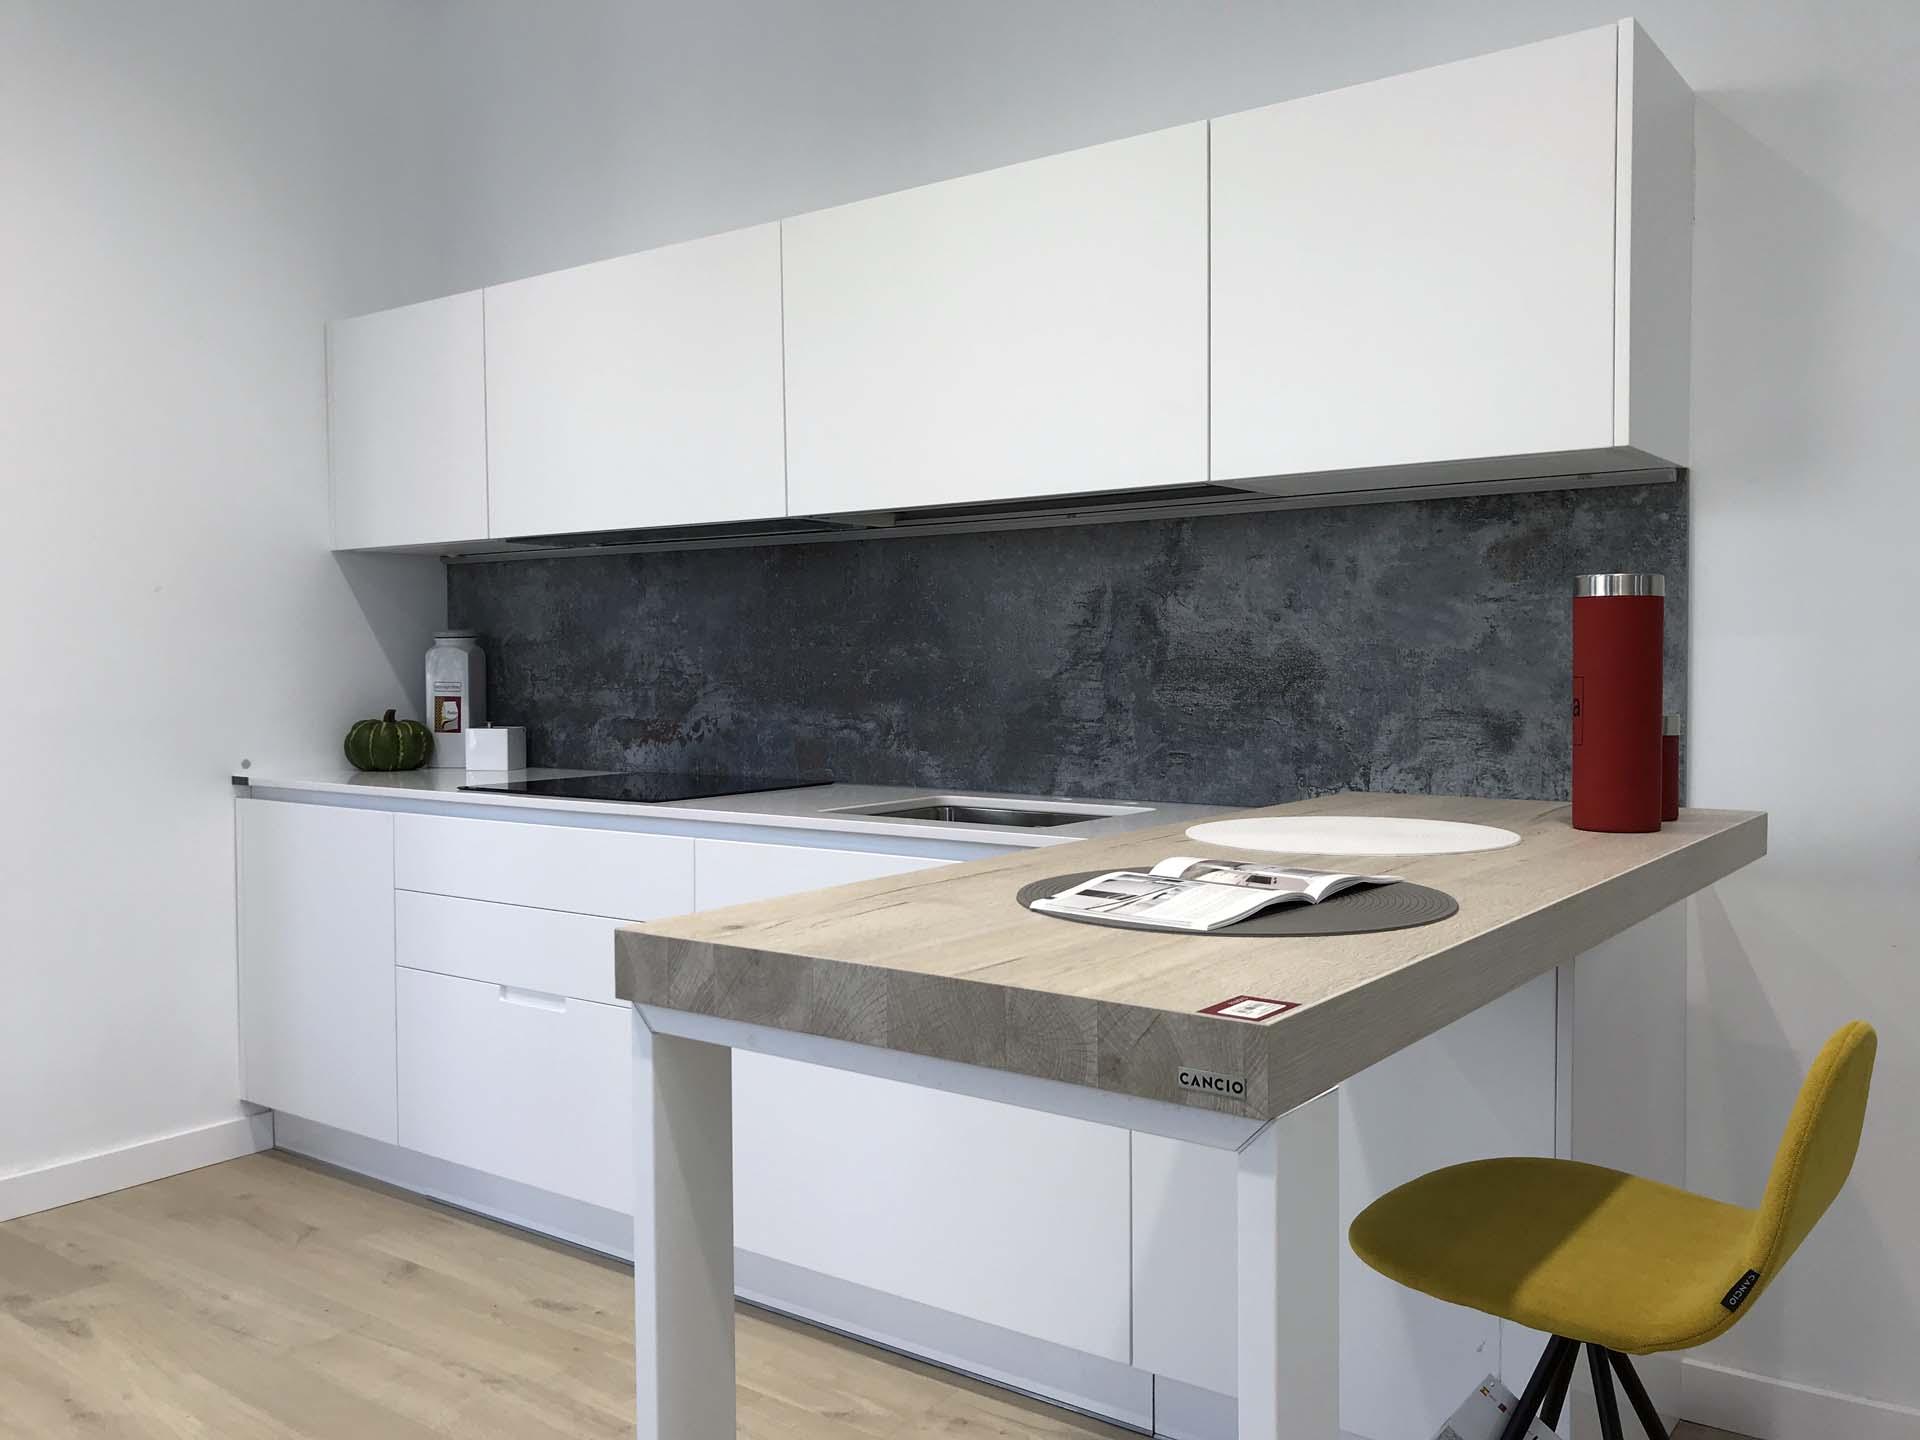 Cocina minimalista lacada blanca mate con tirador cairo - Cocinas minimalistas blancas ...